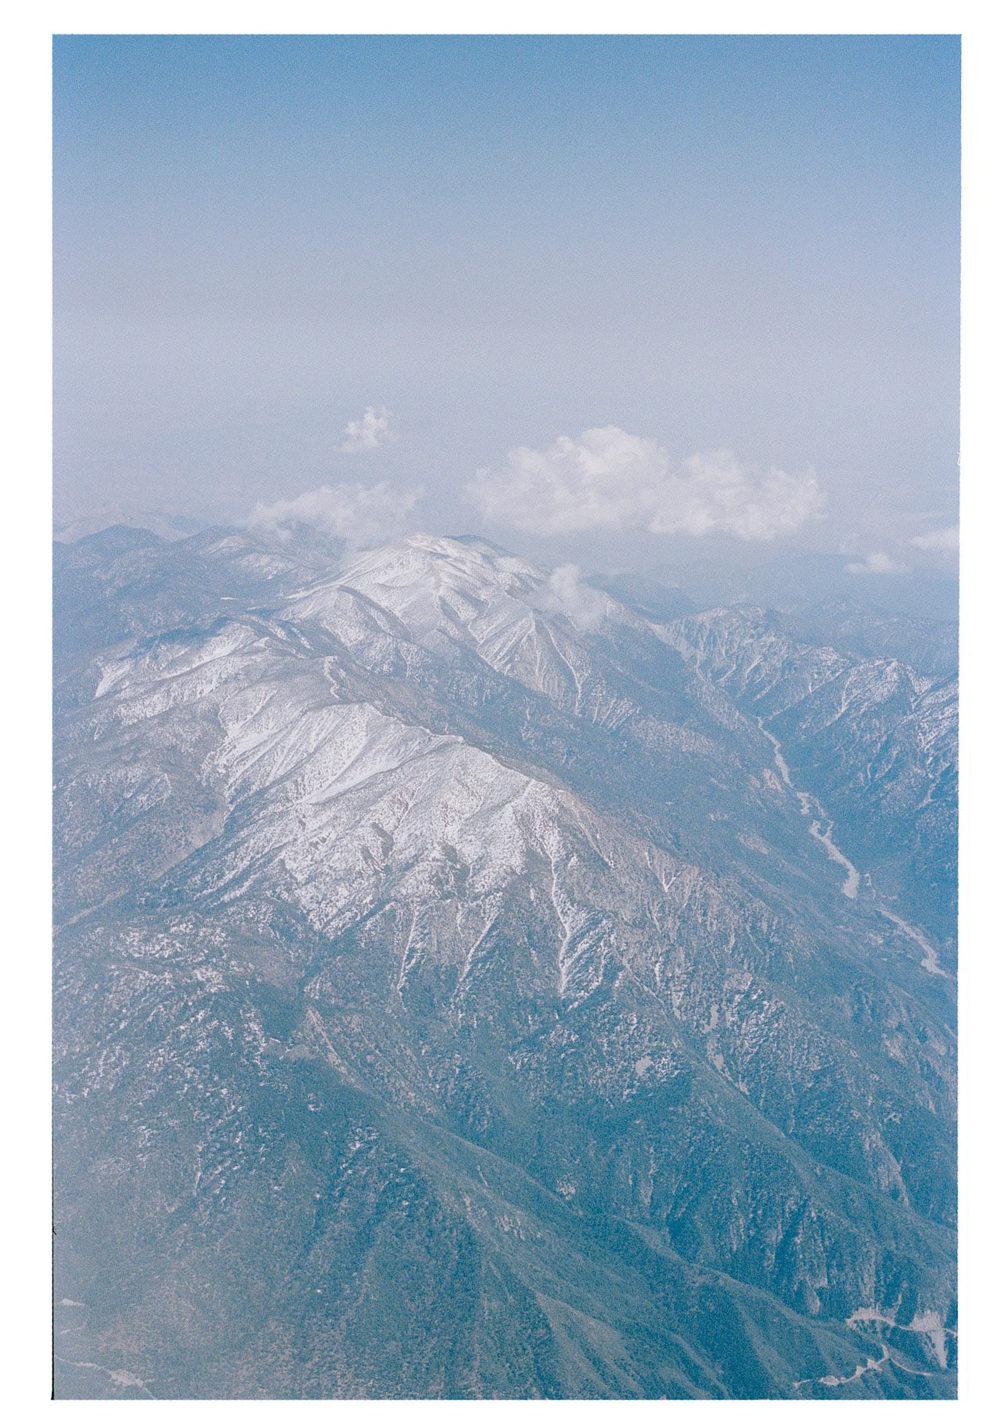 18_29_LA_Mountains.jpg